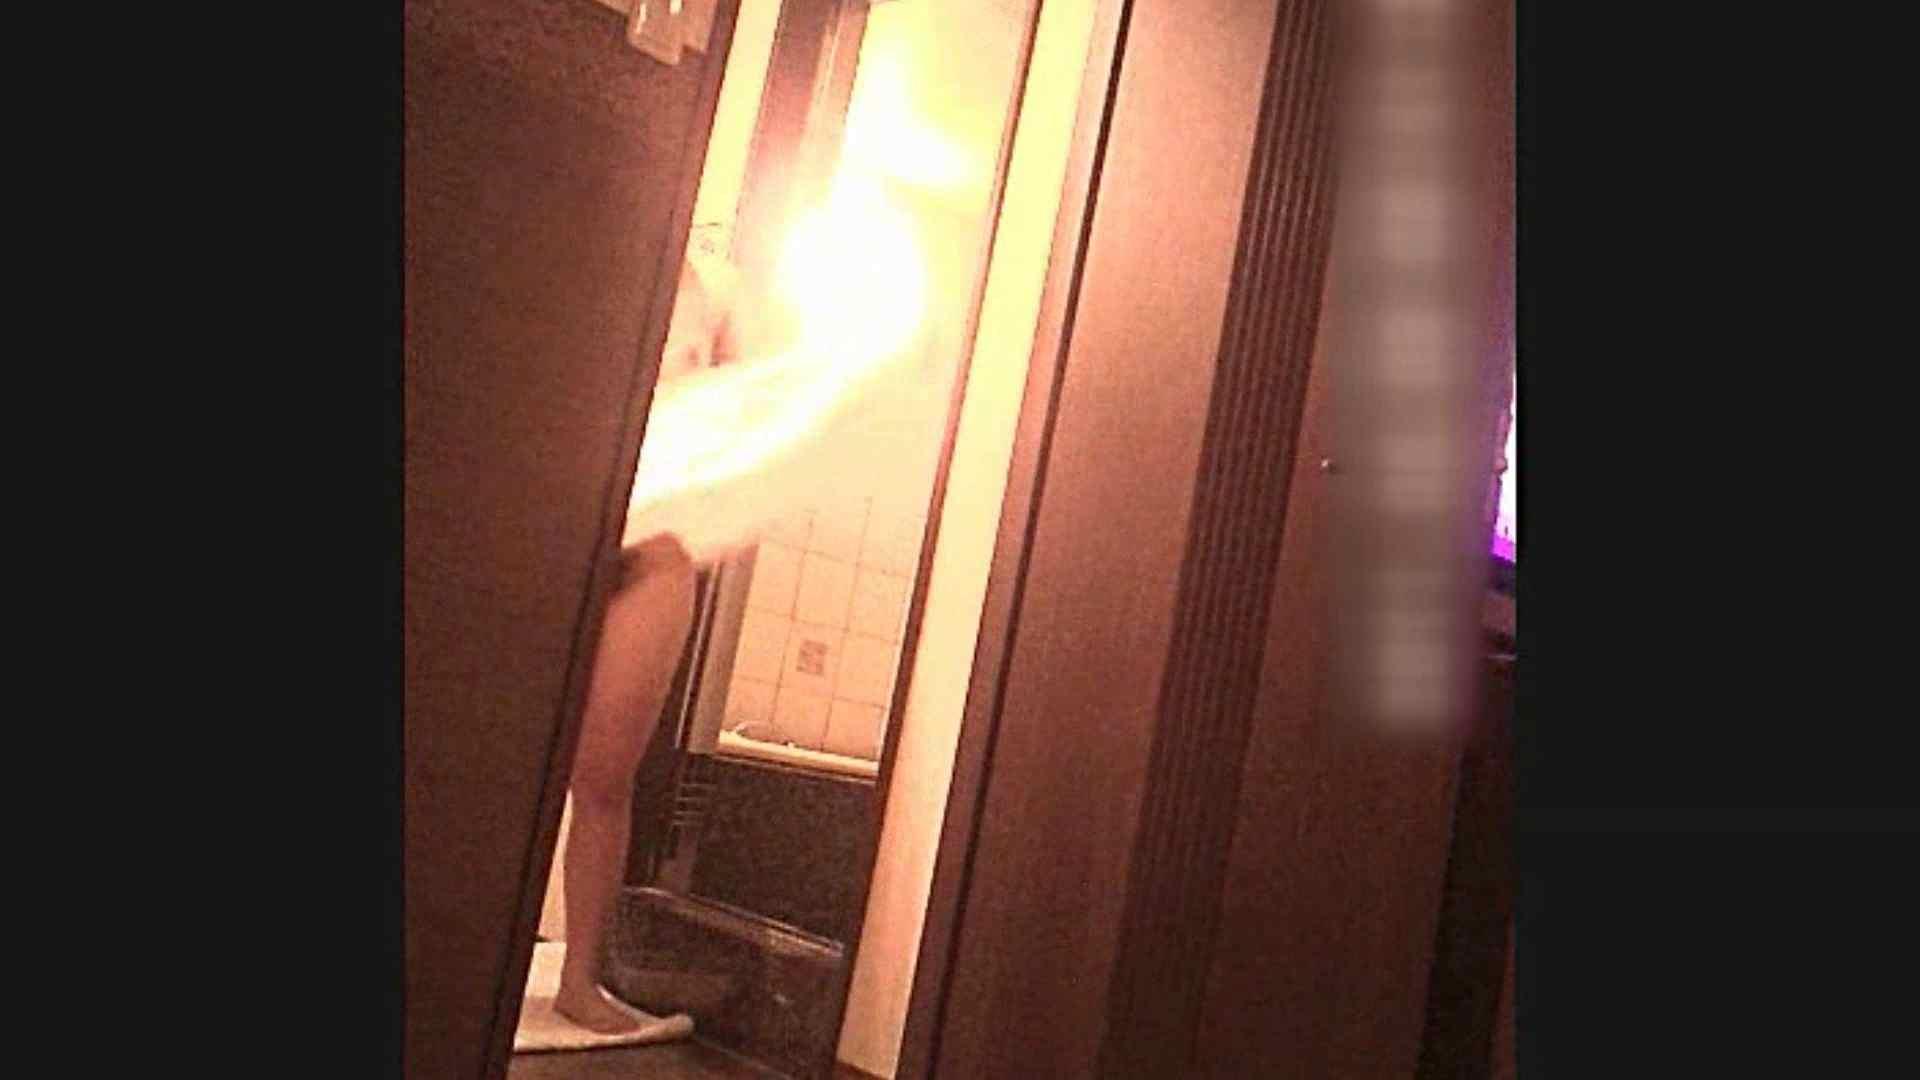 色白!!薬学科 ひろみちゃん  Vol.29 脱衣編 ホテルの中 オマンコ動画キャプチャ 108枚 88